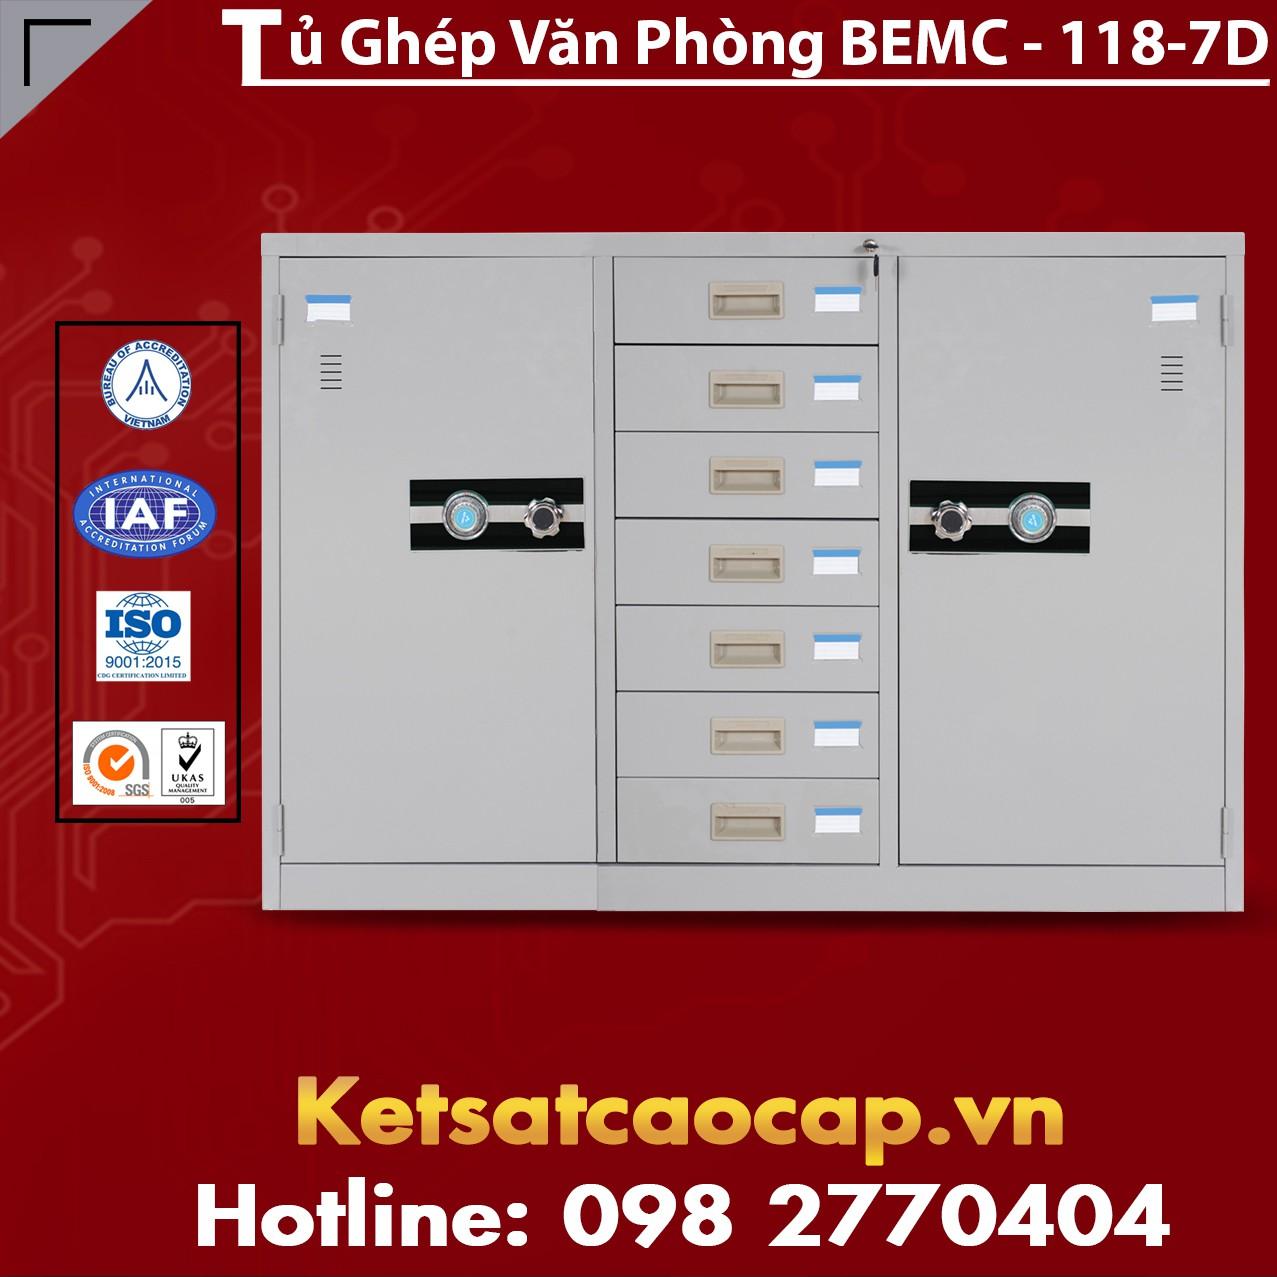 Tủ Ghép Văn Phòng BEMC-118-7D